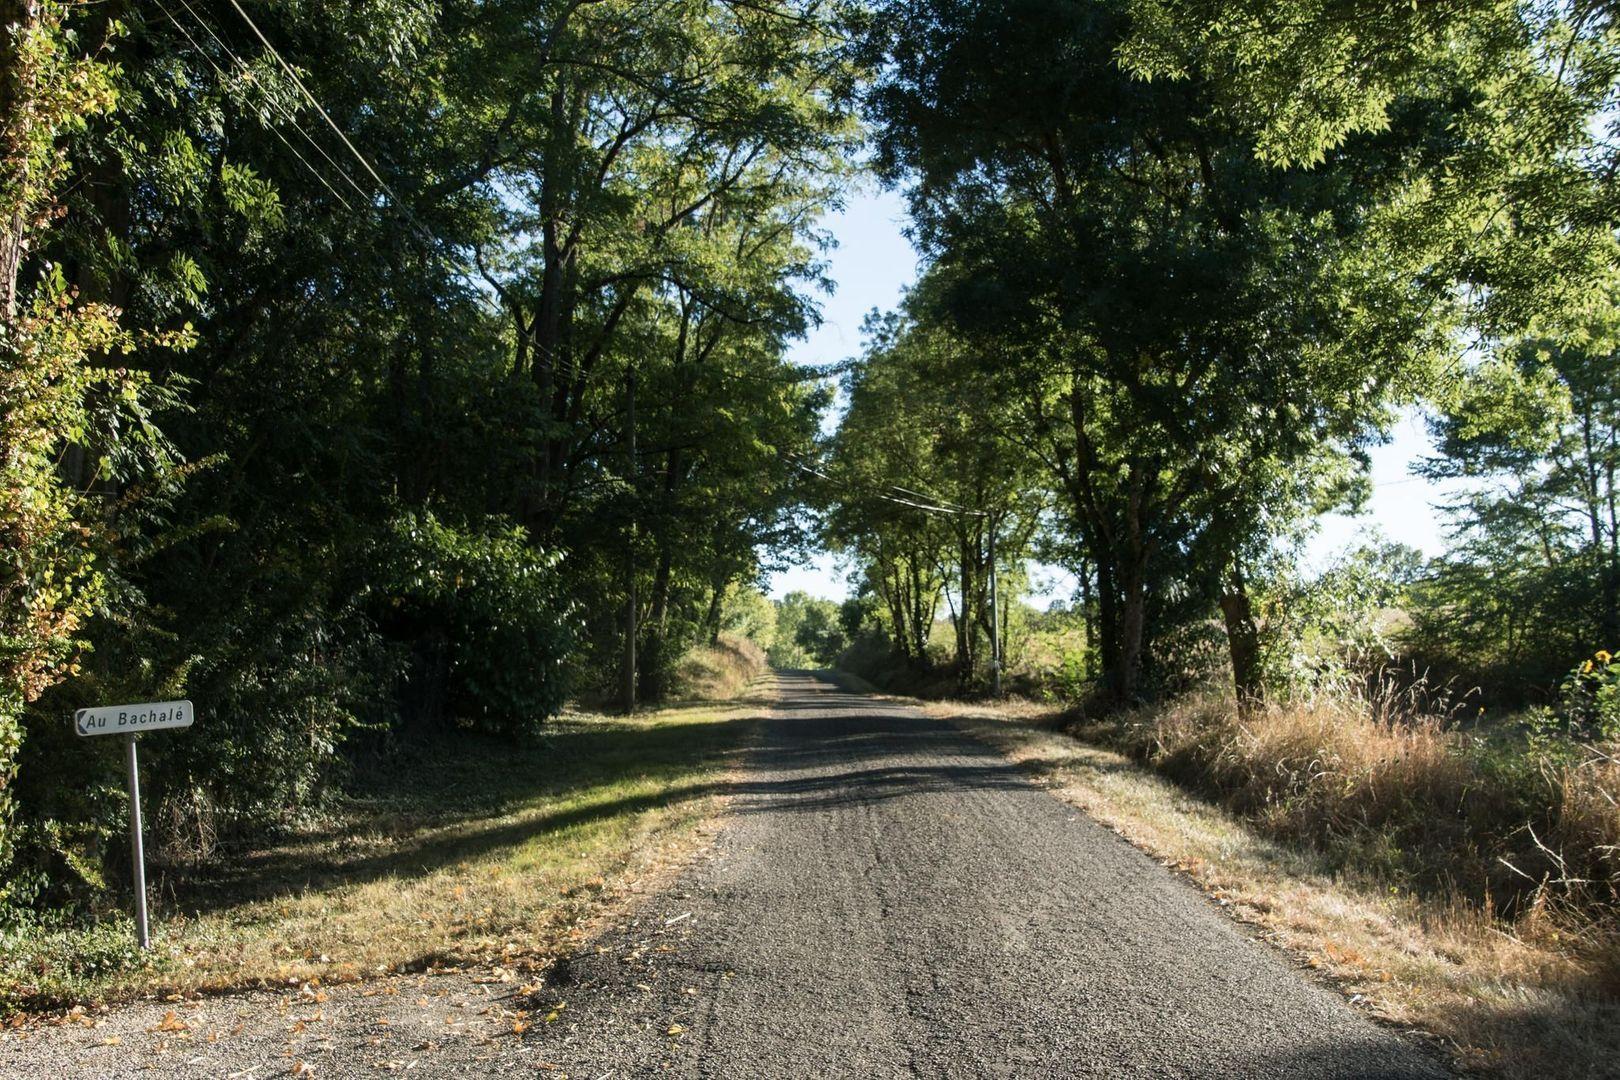 Chemin du Bachale, Jegun, Gers foto-34